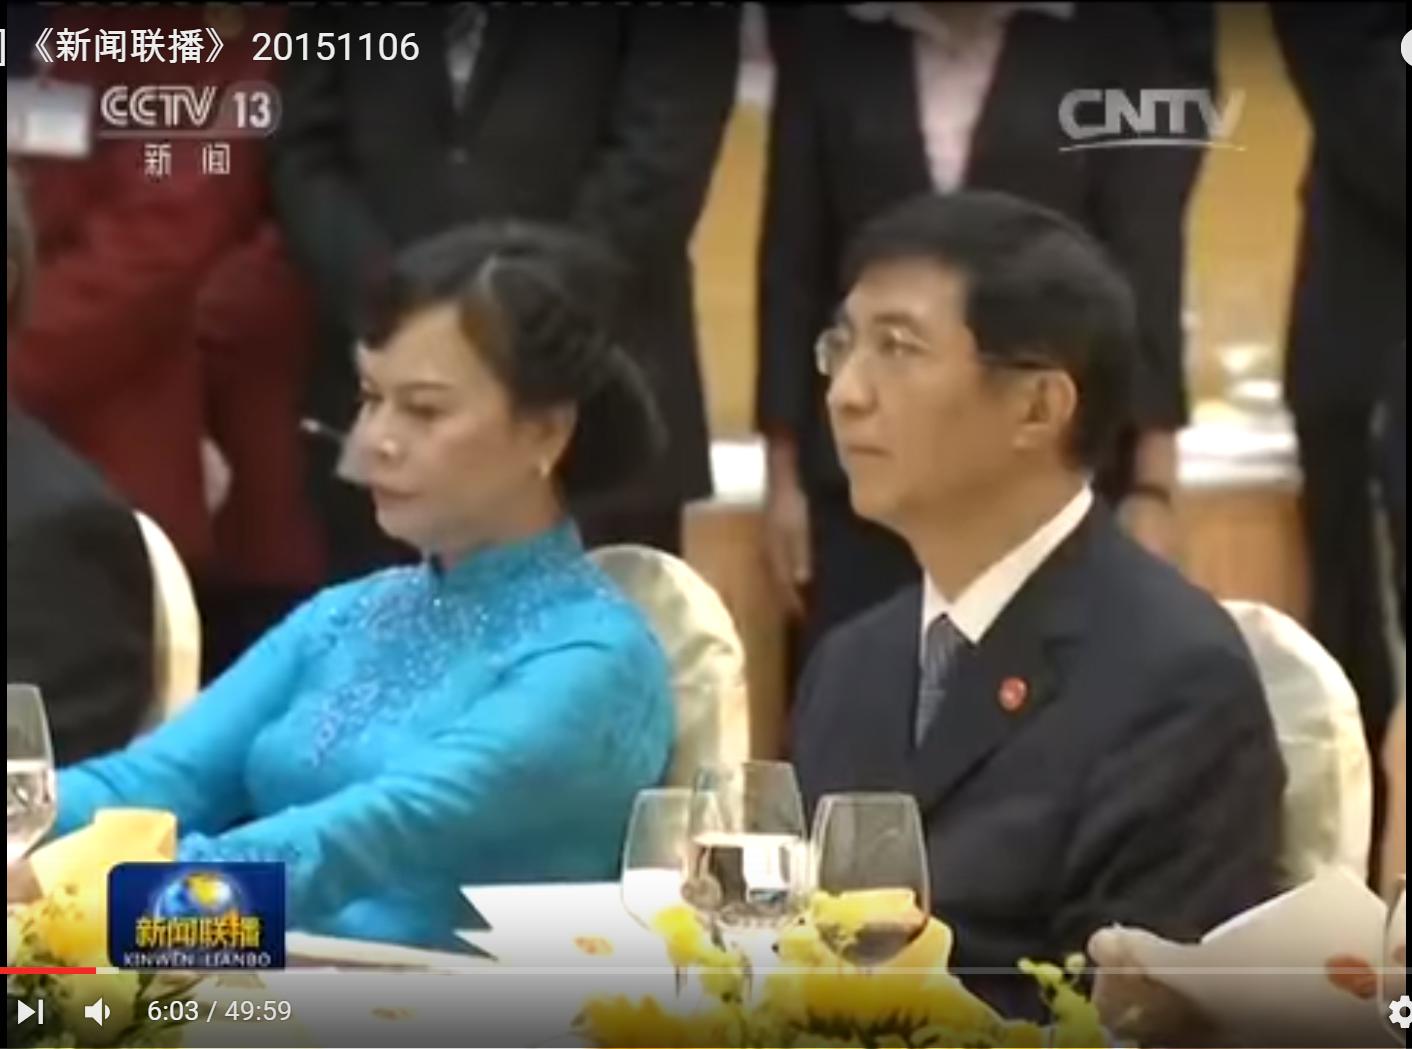 Vương Hỗ Ninh theo Tập Cận Bình tới Hà Nội 05-11-2015.jpg